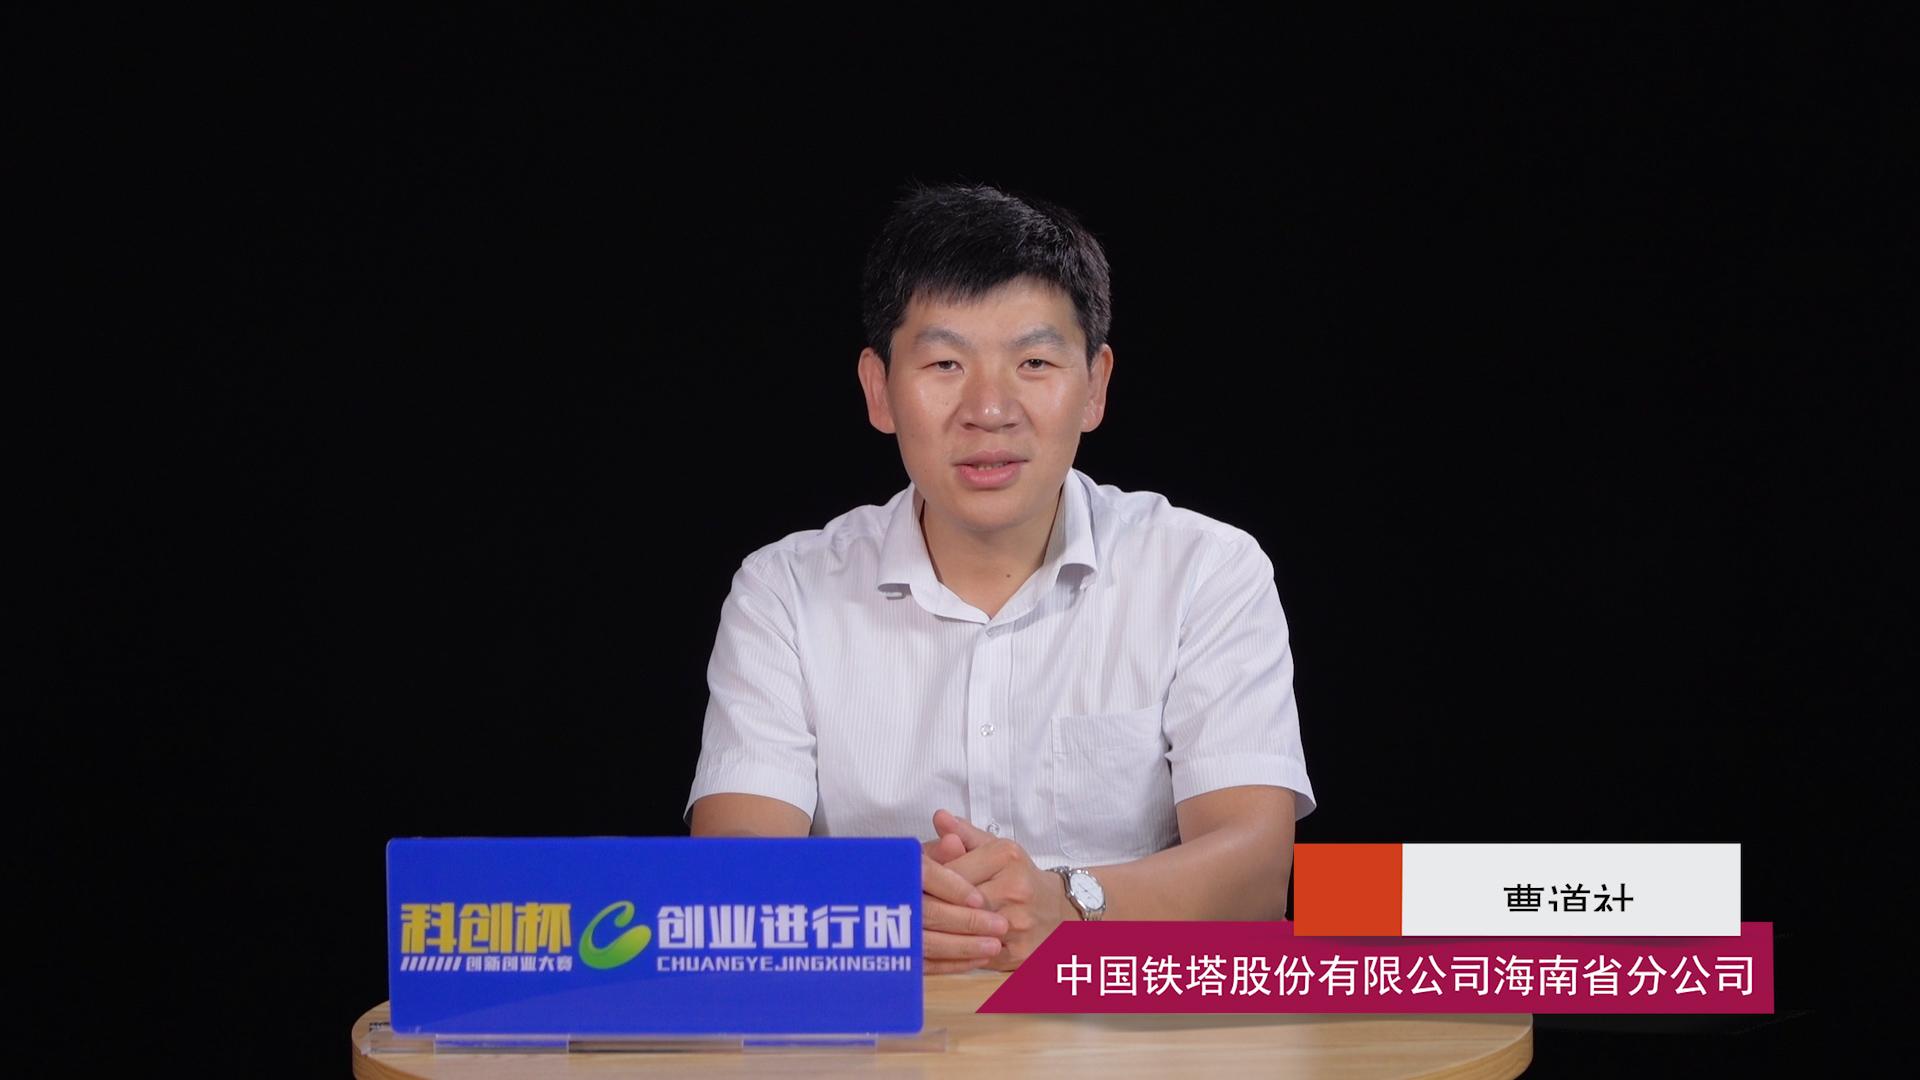 创业进行时|中国铁塔曹道社:要基于海南本土特色做产品和服务